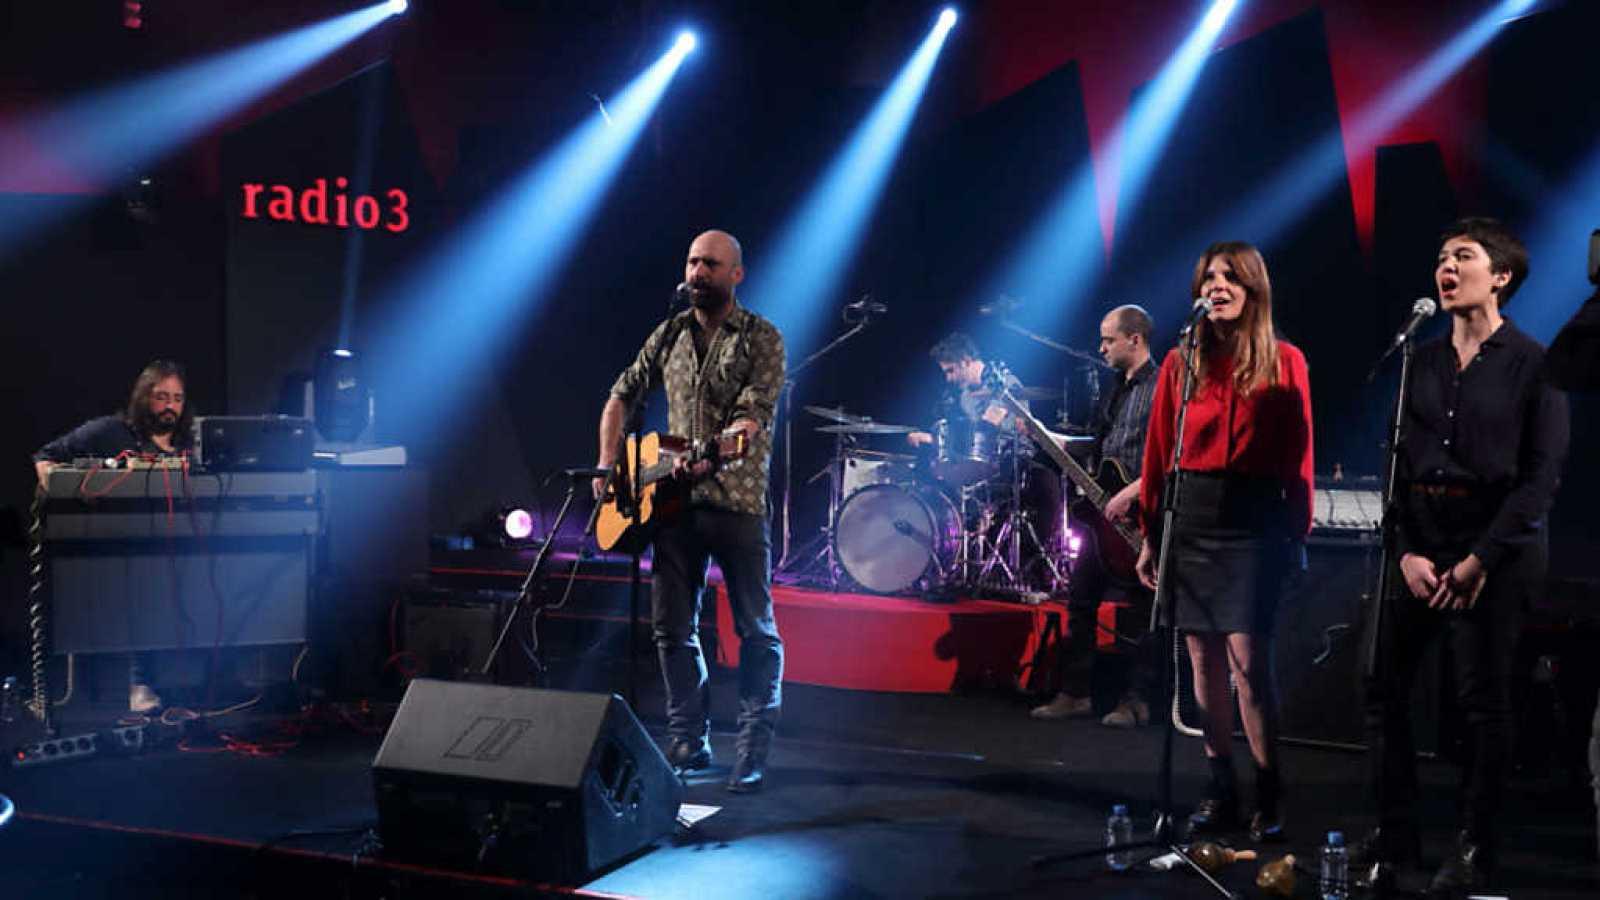 Los conciertos de Radio 3 - Flamaradas - ver ahora